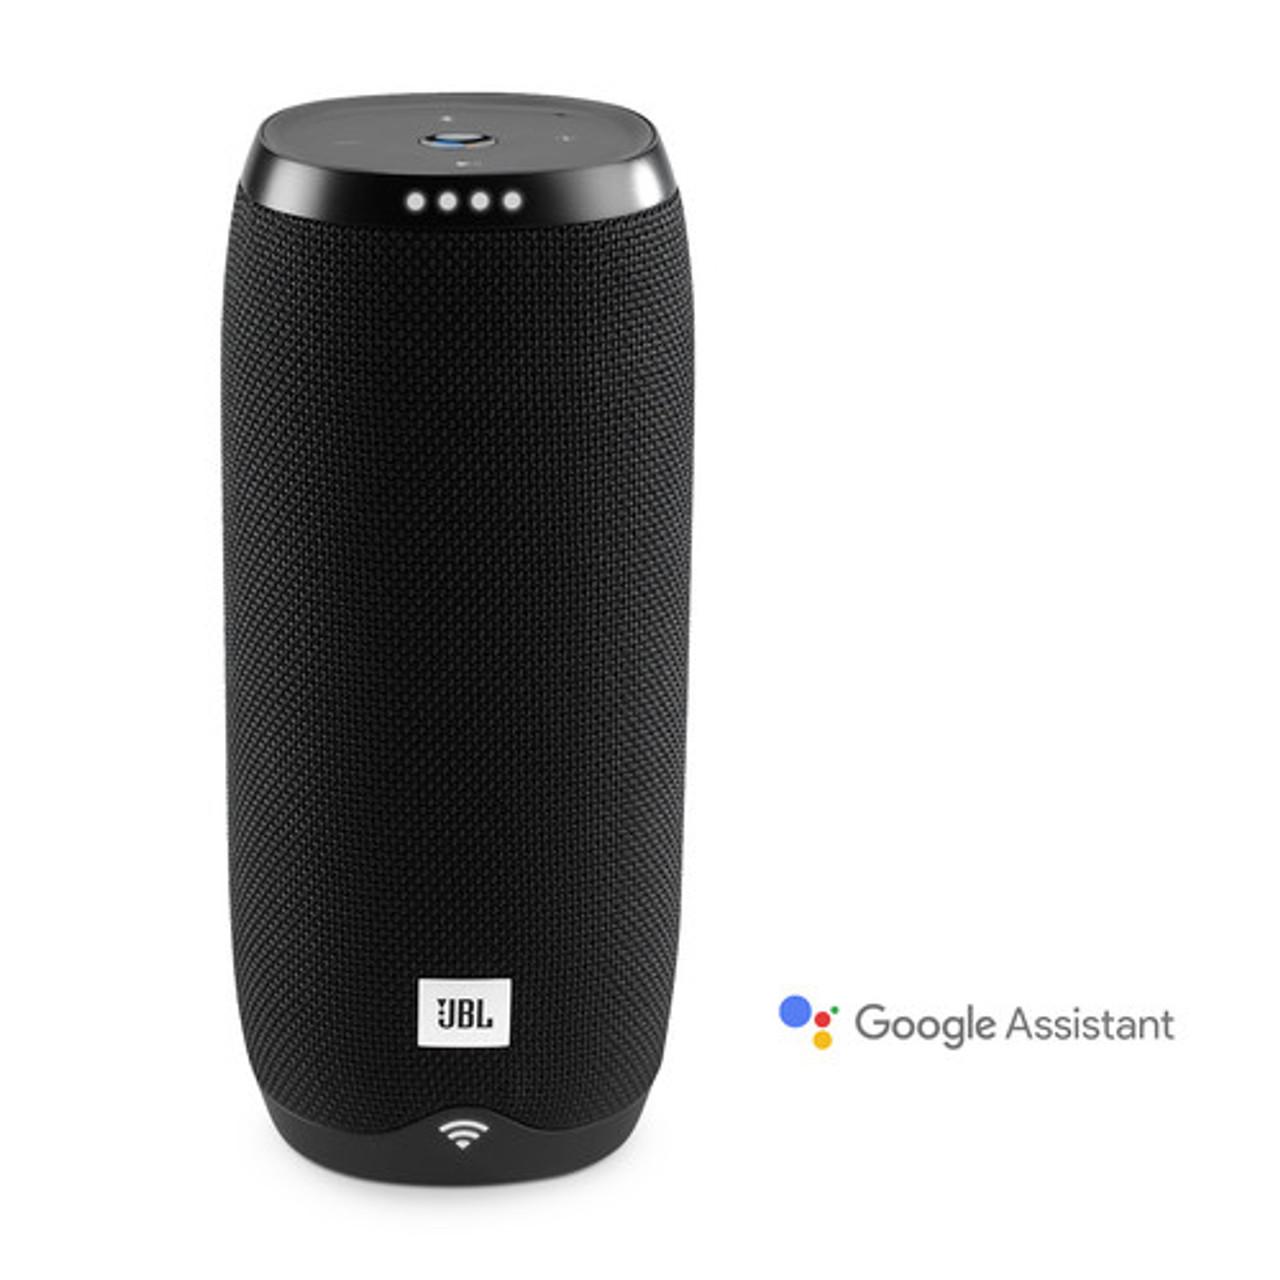 JBL JBLLINK20BLKUS-Z Voice-activated Speaker- Portable Link 20- Black - Certified Refurbished